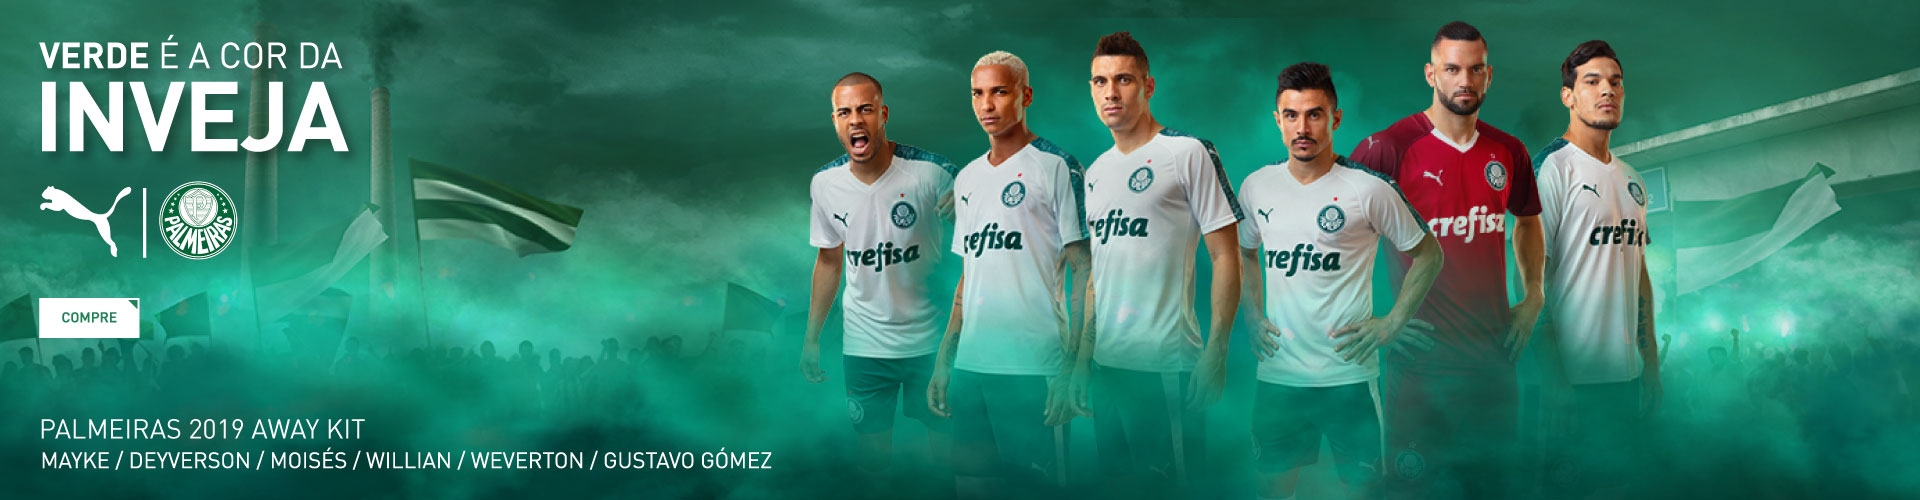 Camisa Away Puma